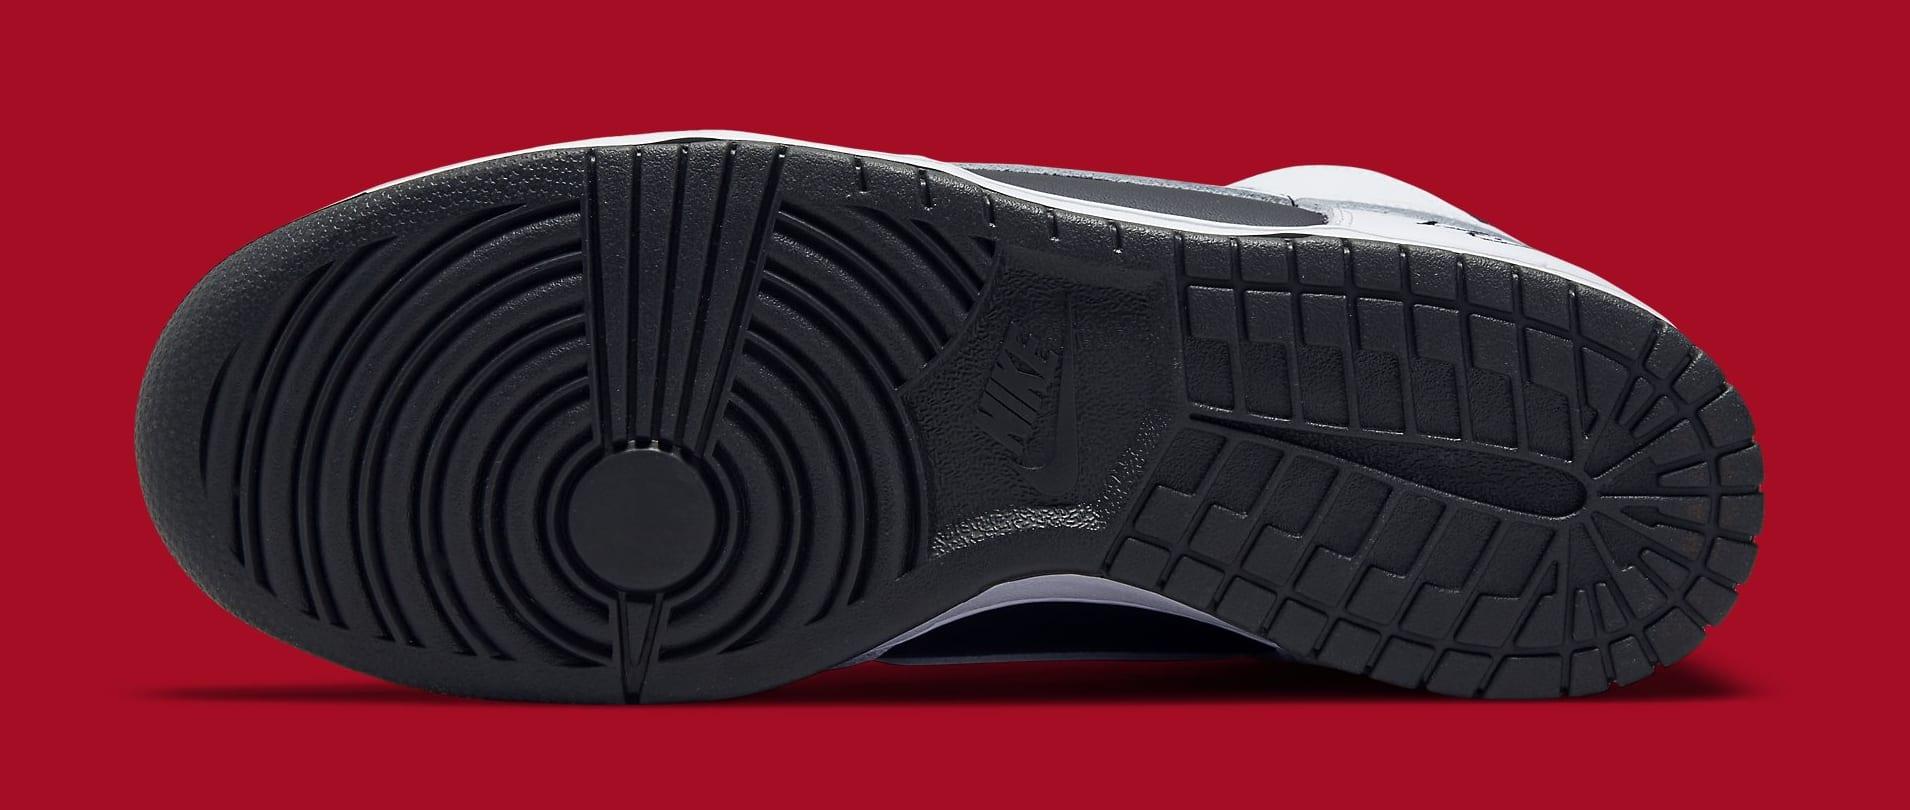 Supreme x Nike SB Dunk High White/Black DN3741-002 Outsole